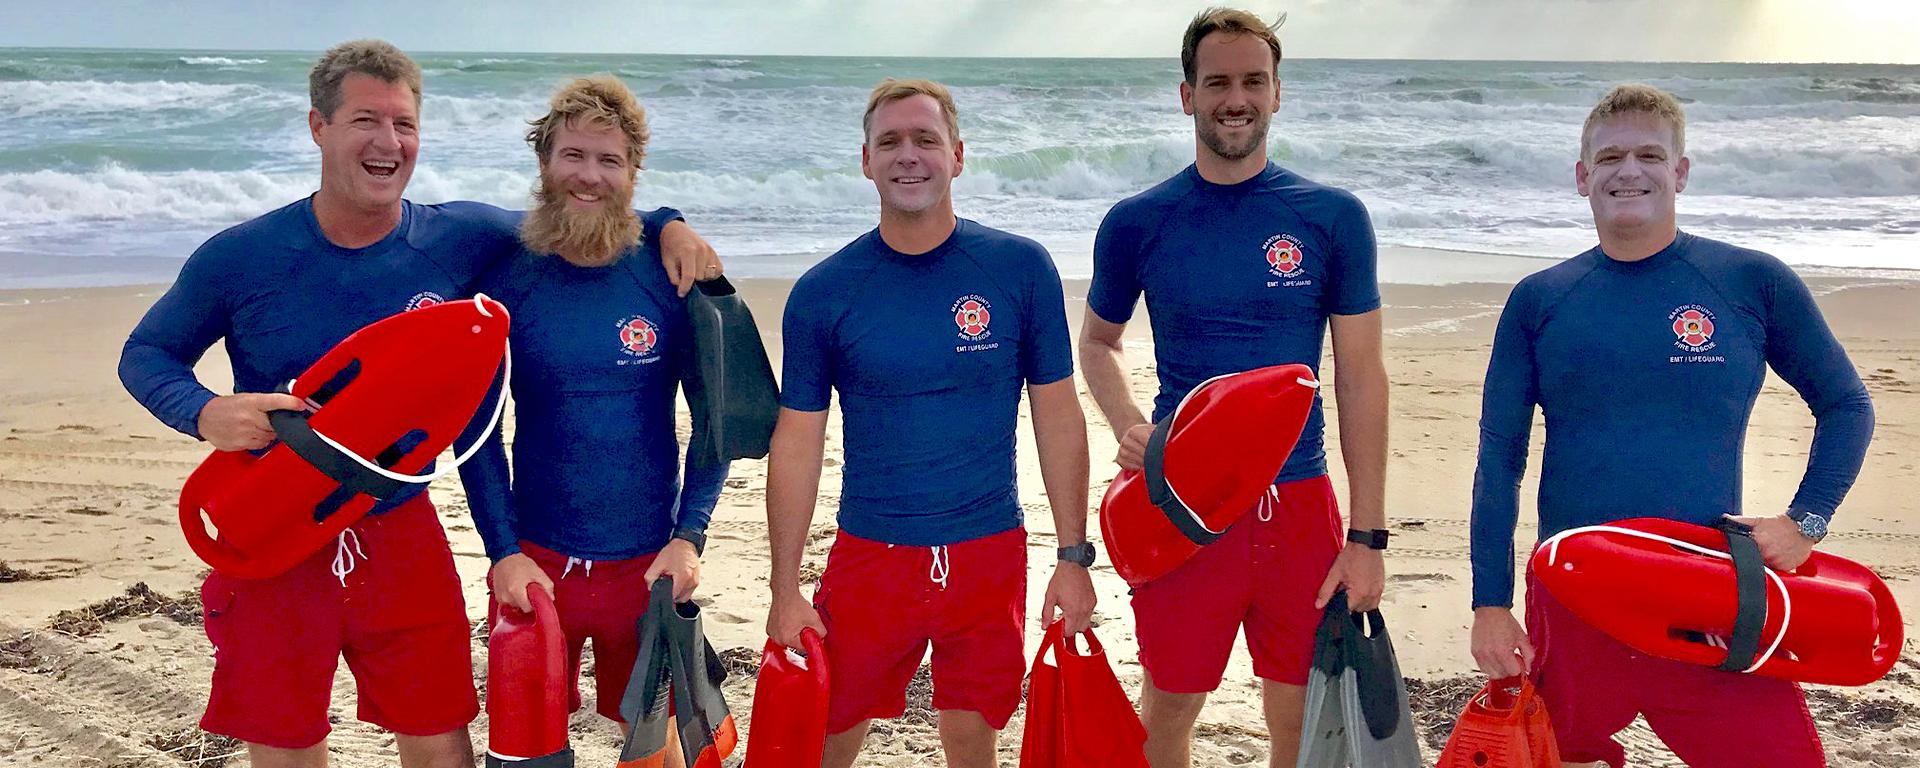 Martin County Ocean Rescue Lifeguards